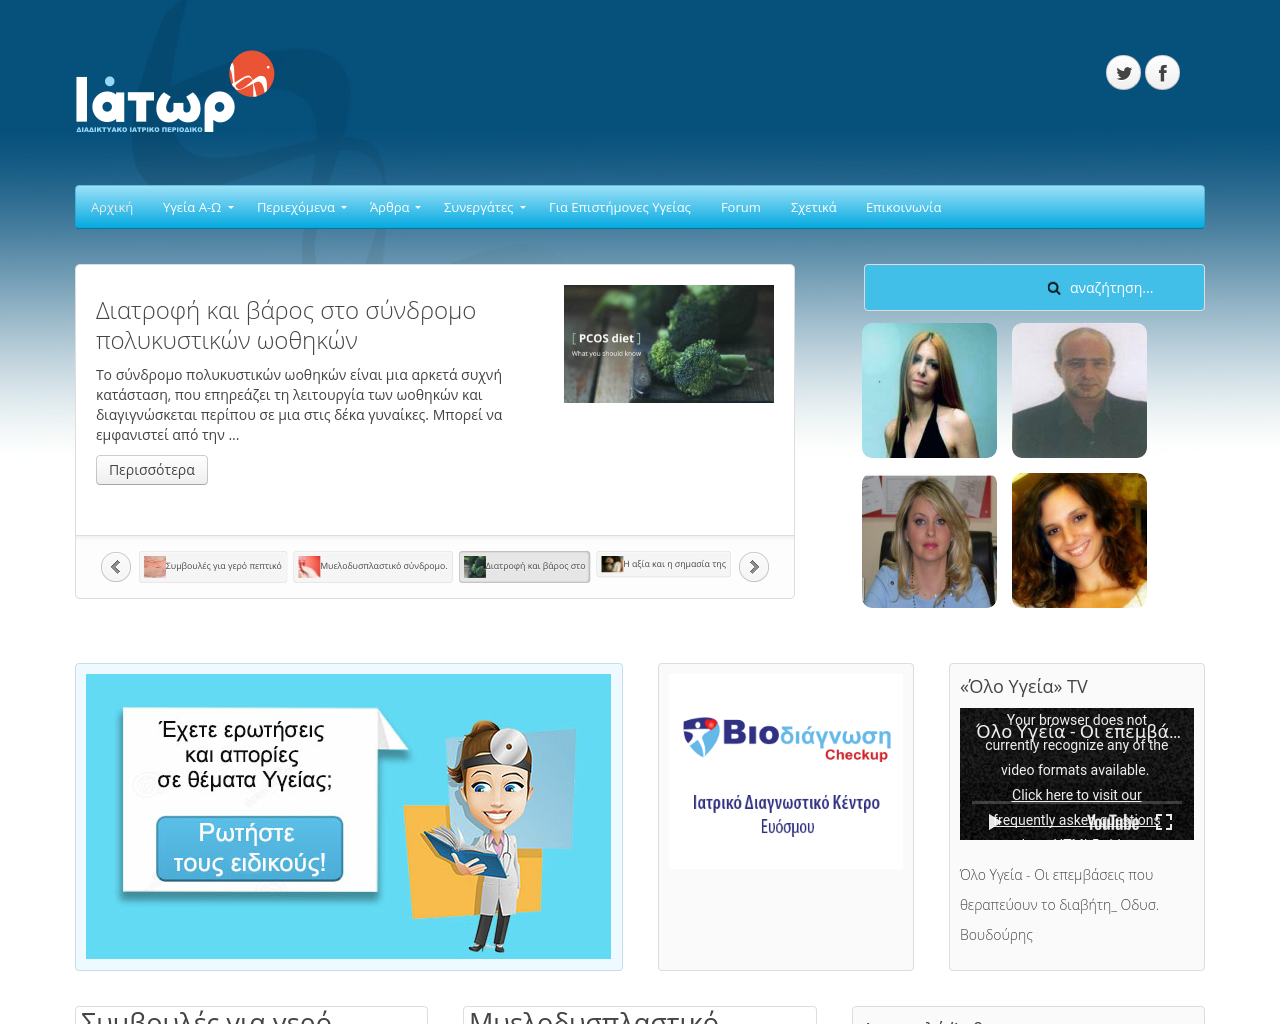 Iator.gr-Advertising-Reviews-Pricing